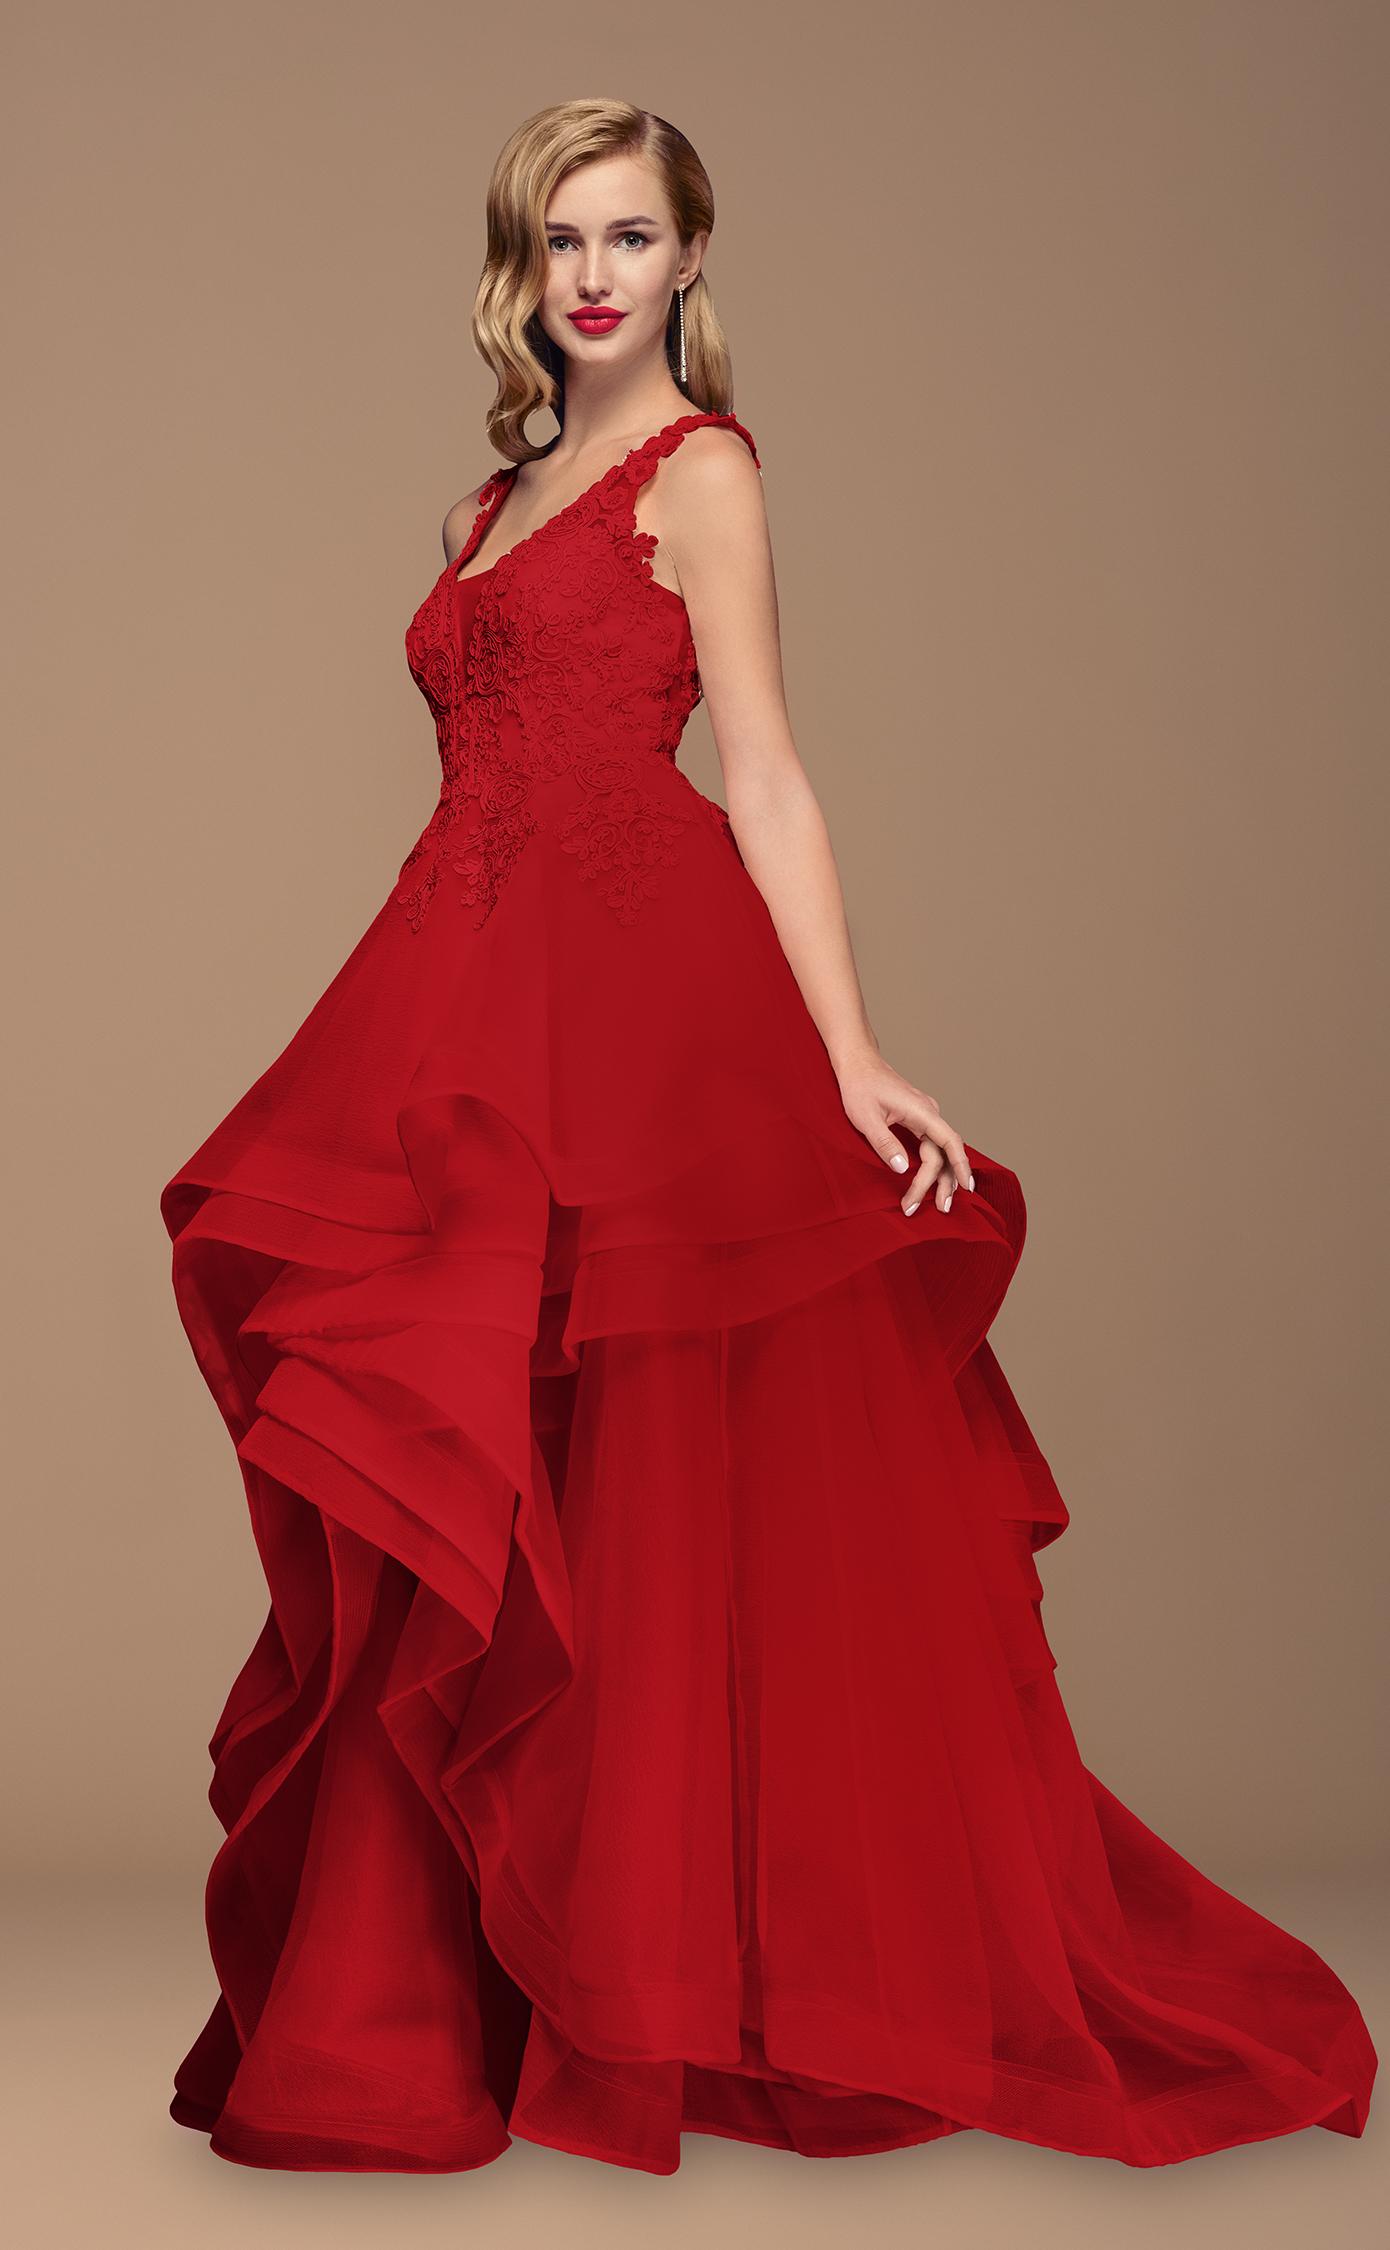 Rotes Ballkleid/Brautkleid | Samyra Fashion